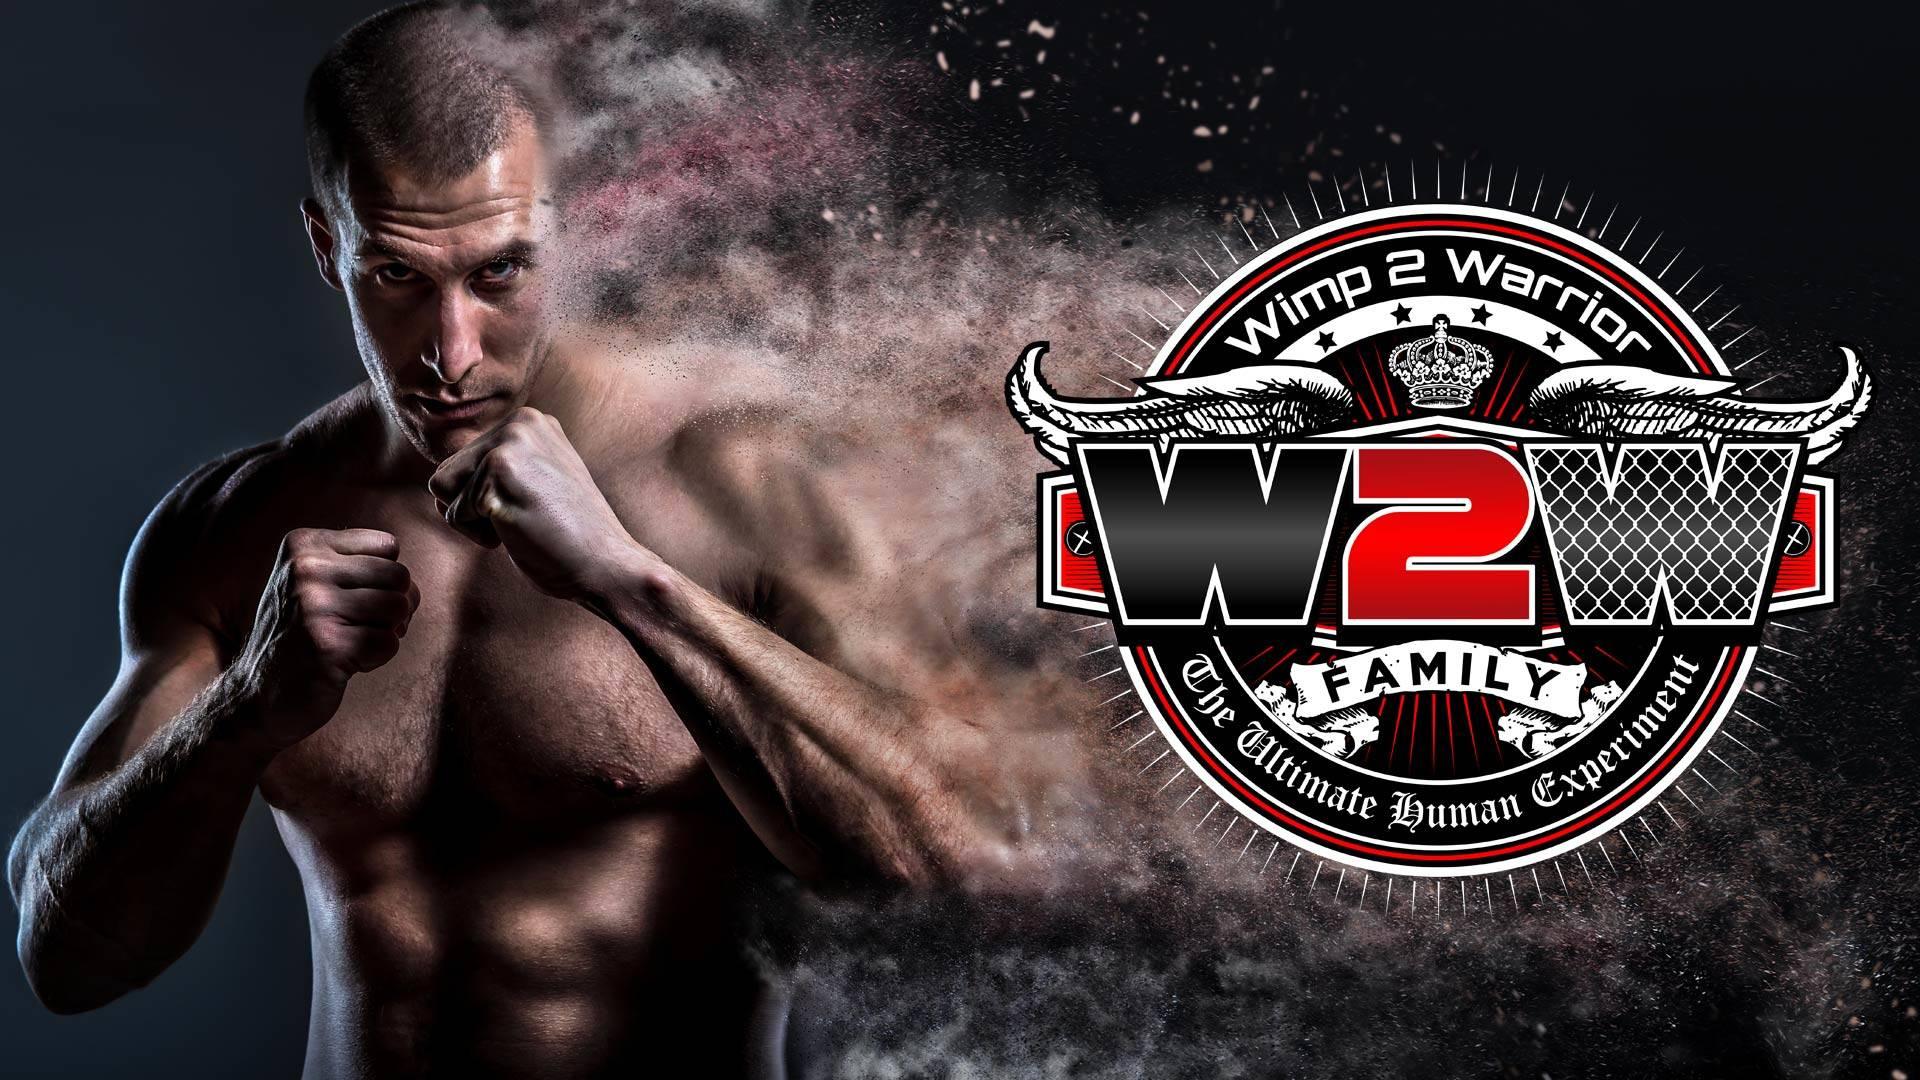 wimp-2-warrior-brisbane.jpg